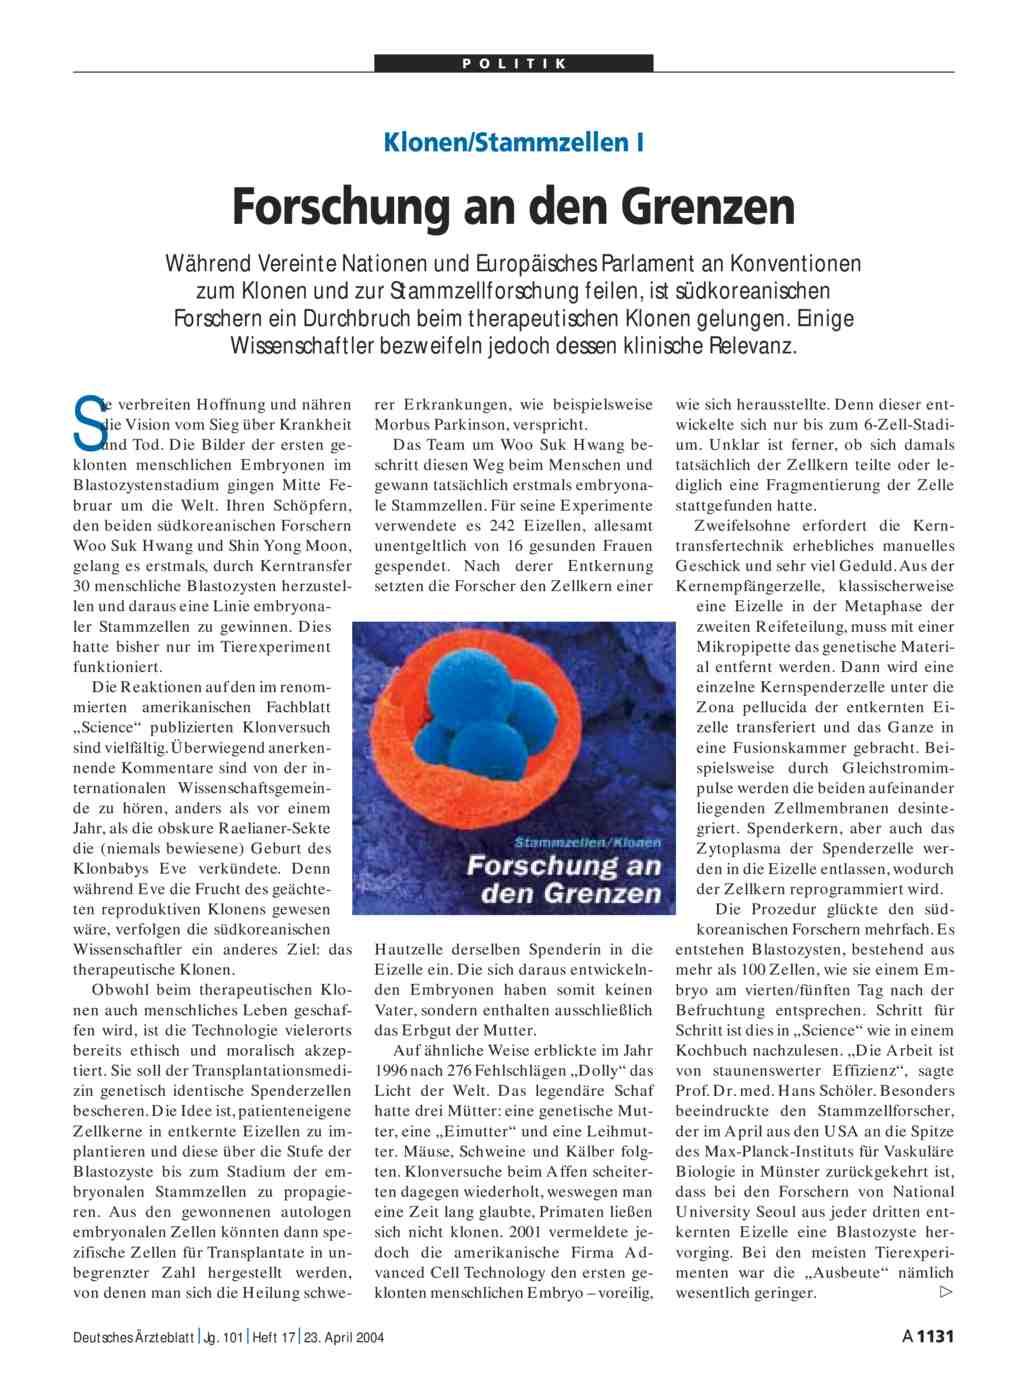 Klonen/Stammzellen I: Forschung an den Grenzen